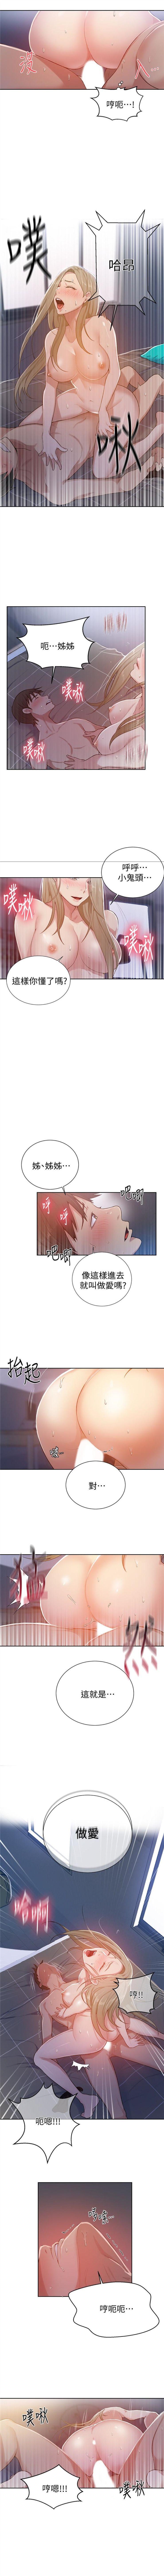 秘密教學  1-50 官方中文(連載中) 84